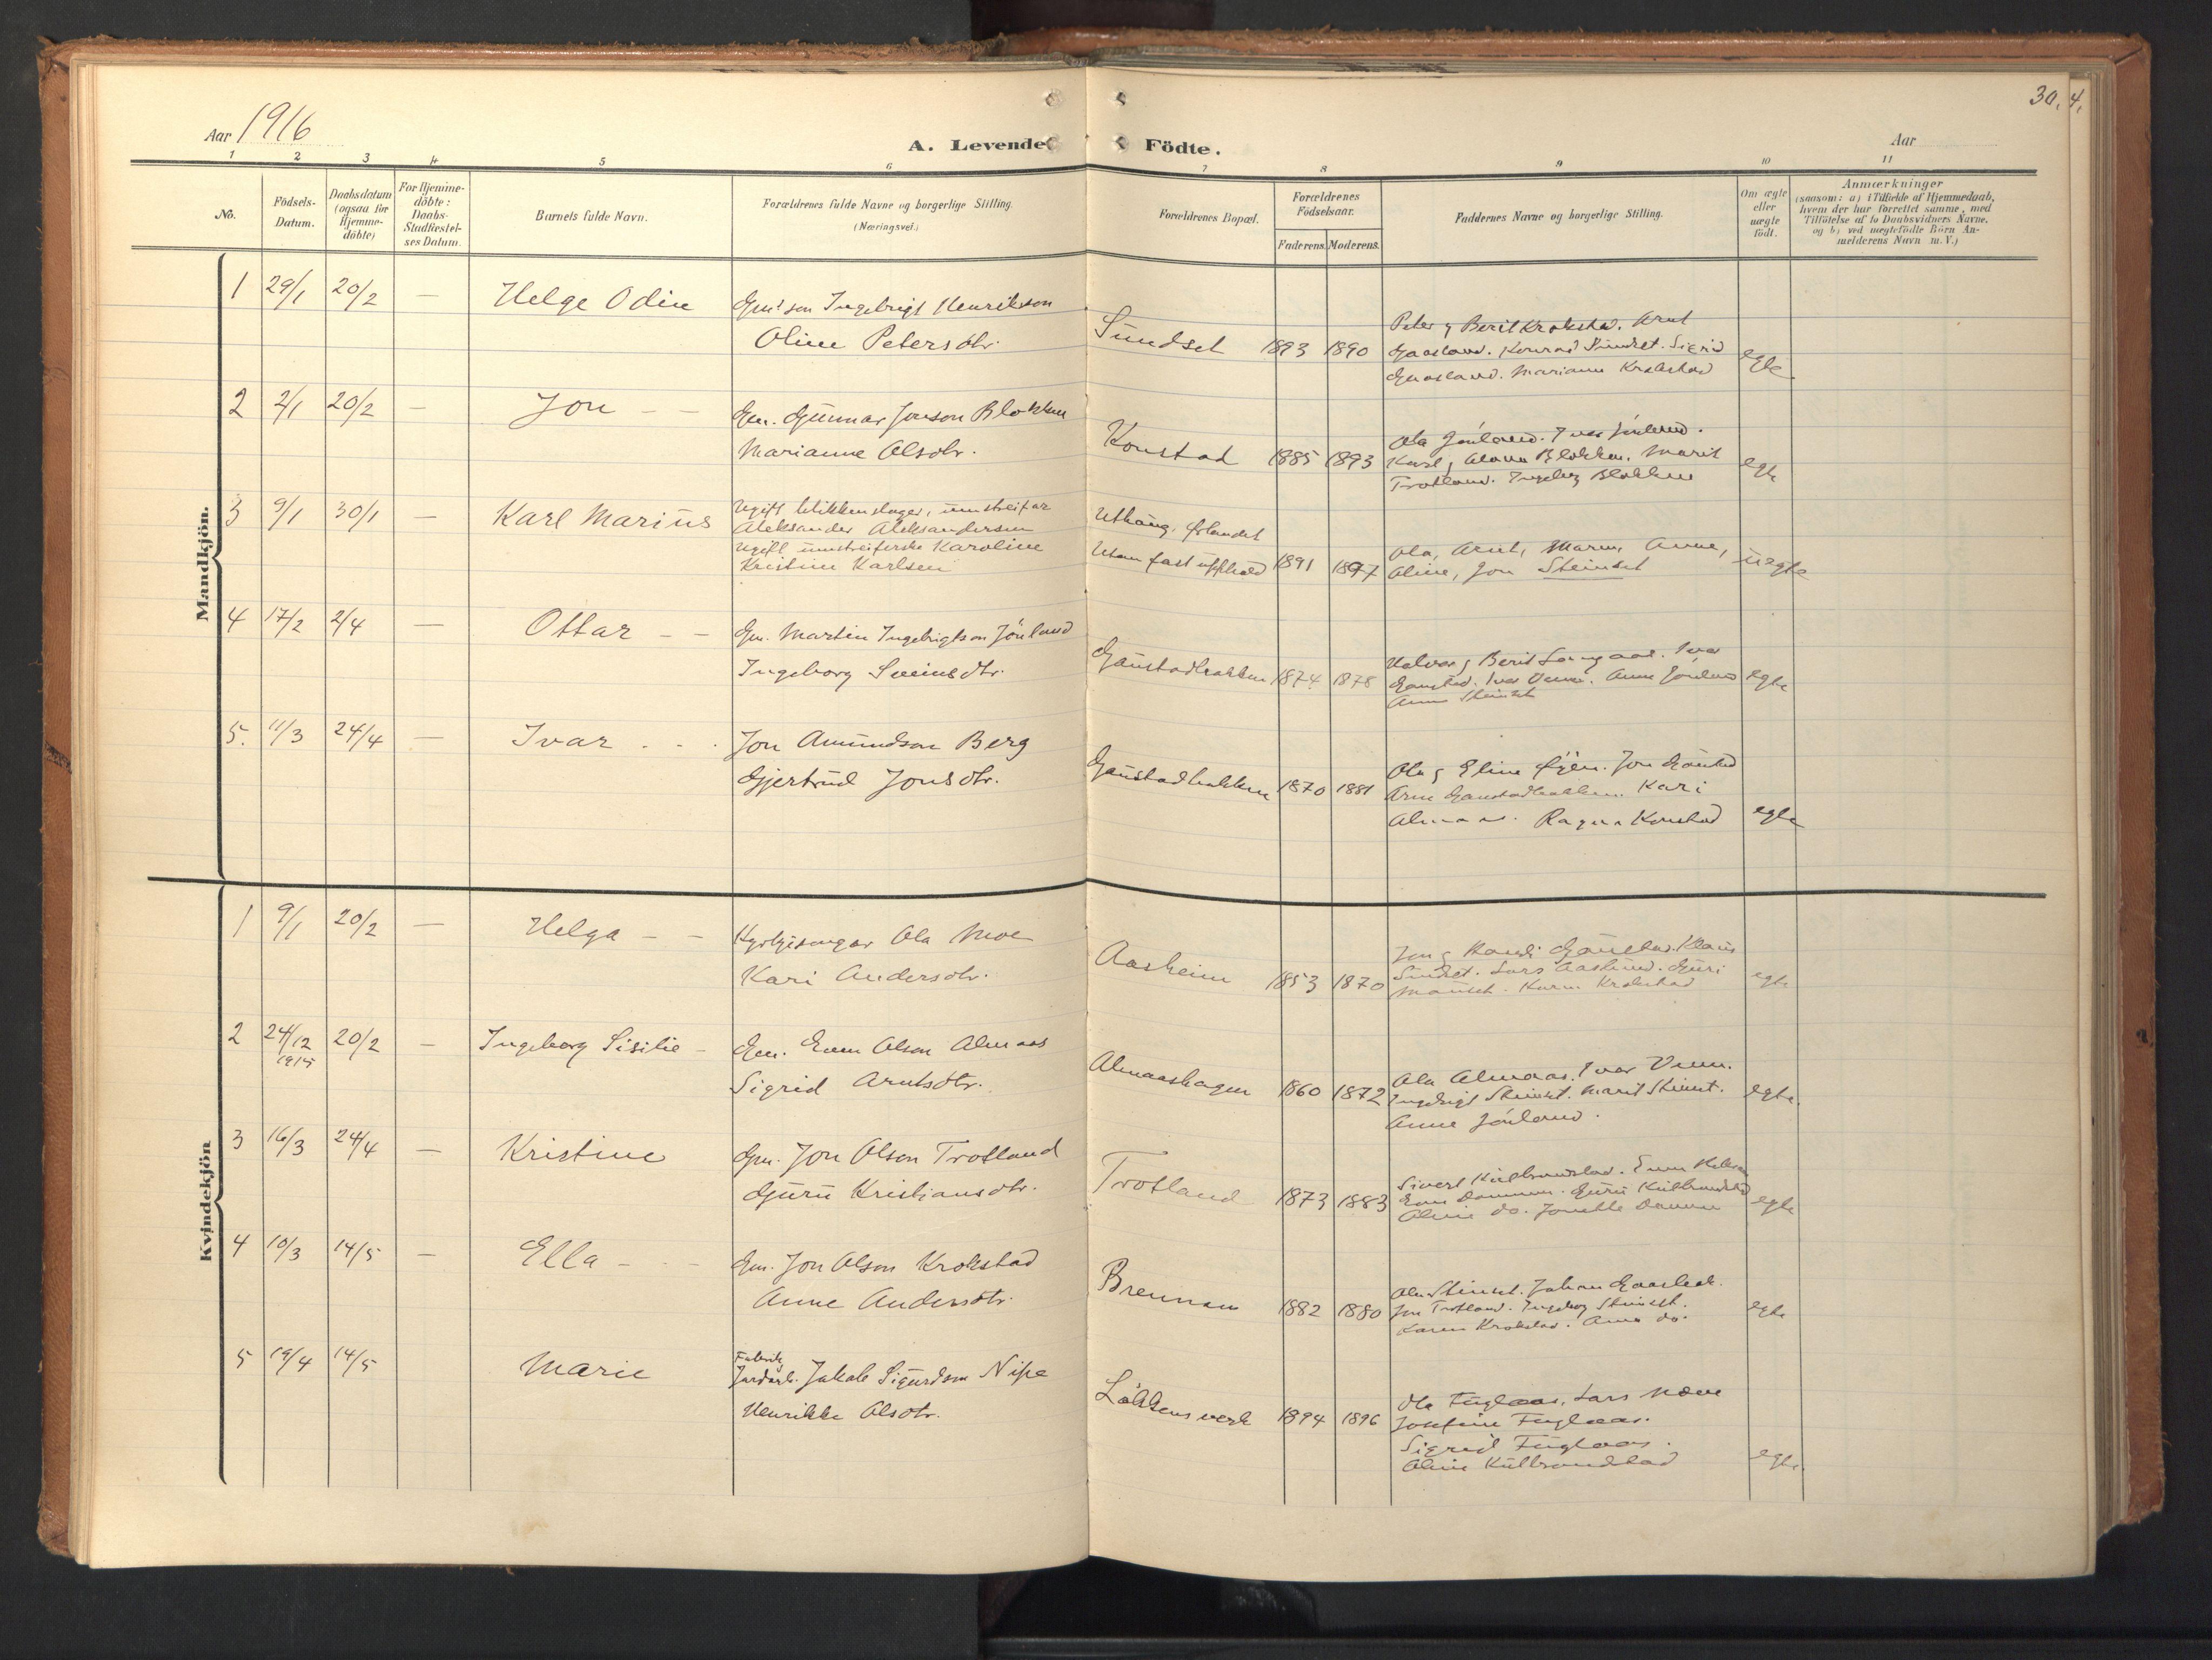 SAT, Ministerialprotokoller, klokkerbøker og fødselsregistre - Sør-Trøndelag, 694/L1128: Ministerialbok nr. 694A02, 1906-1931, s. 30